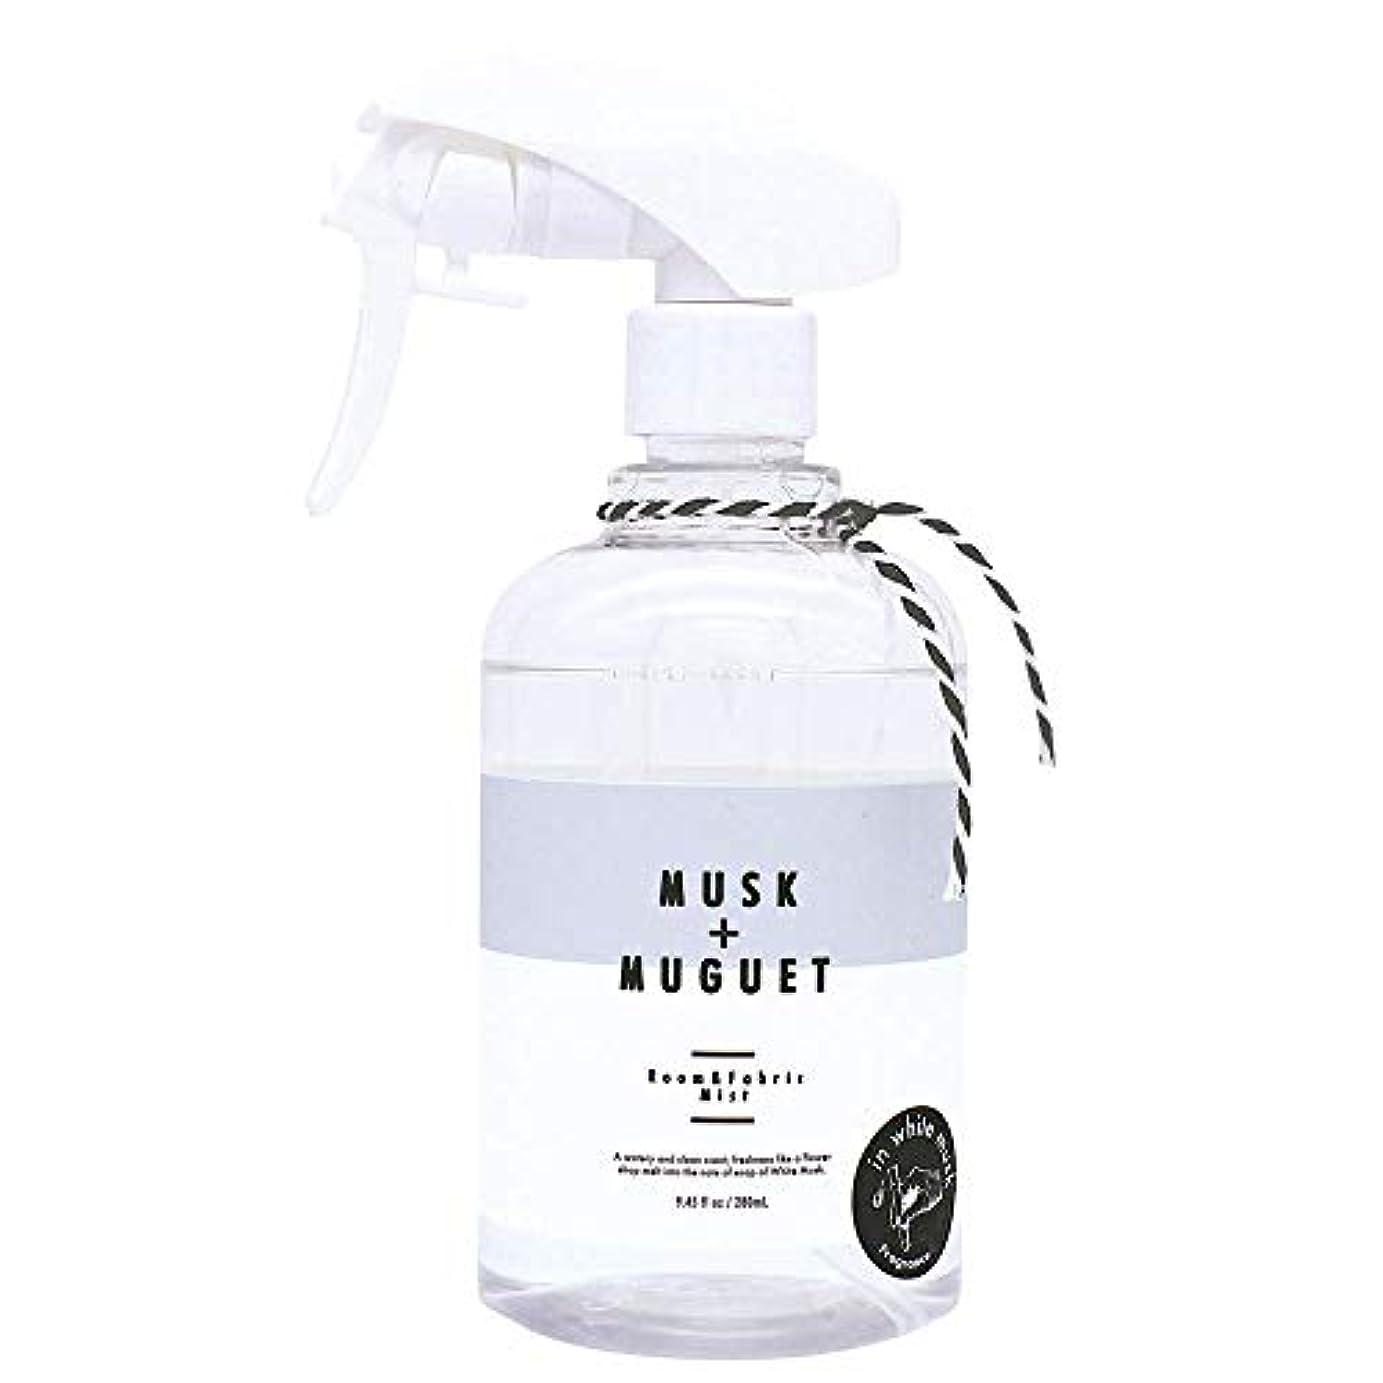 商品研磨シーンノルコーポレーション ルーム&ファブリックミスト more room 消臭成分配合 ホワイトムスク & ミュゲの香り 280ml MRM-3-2